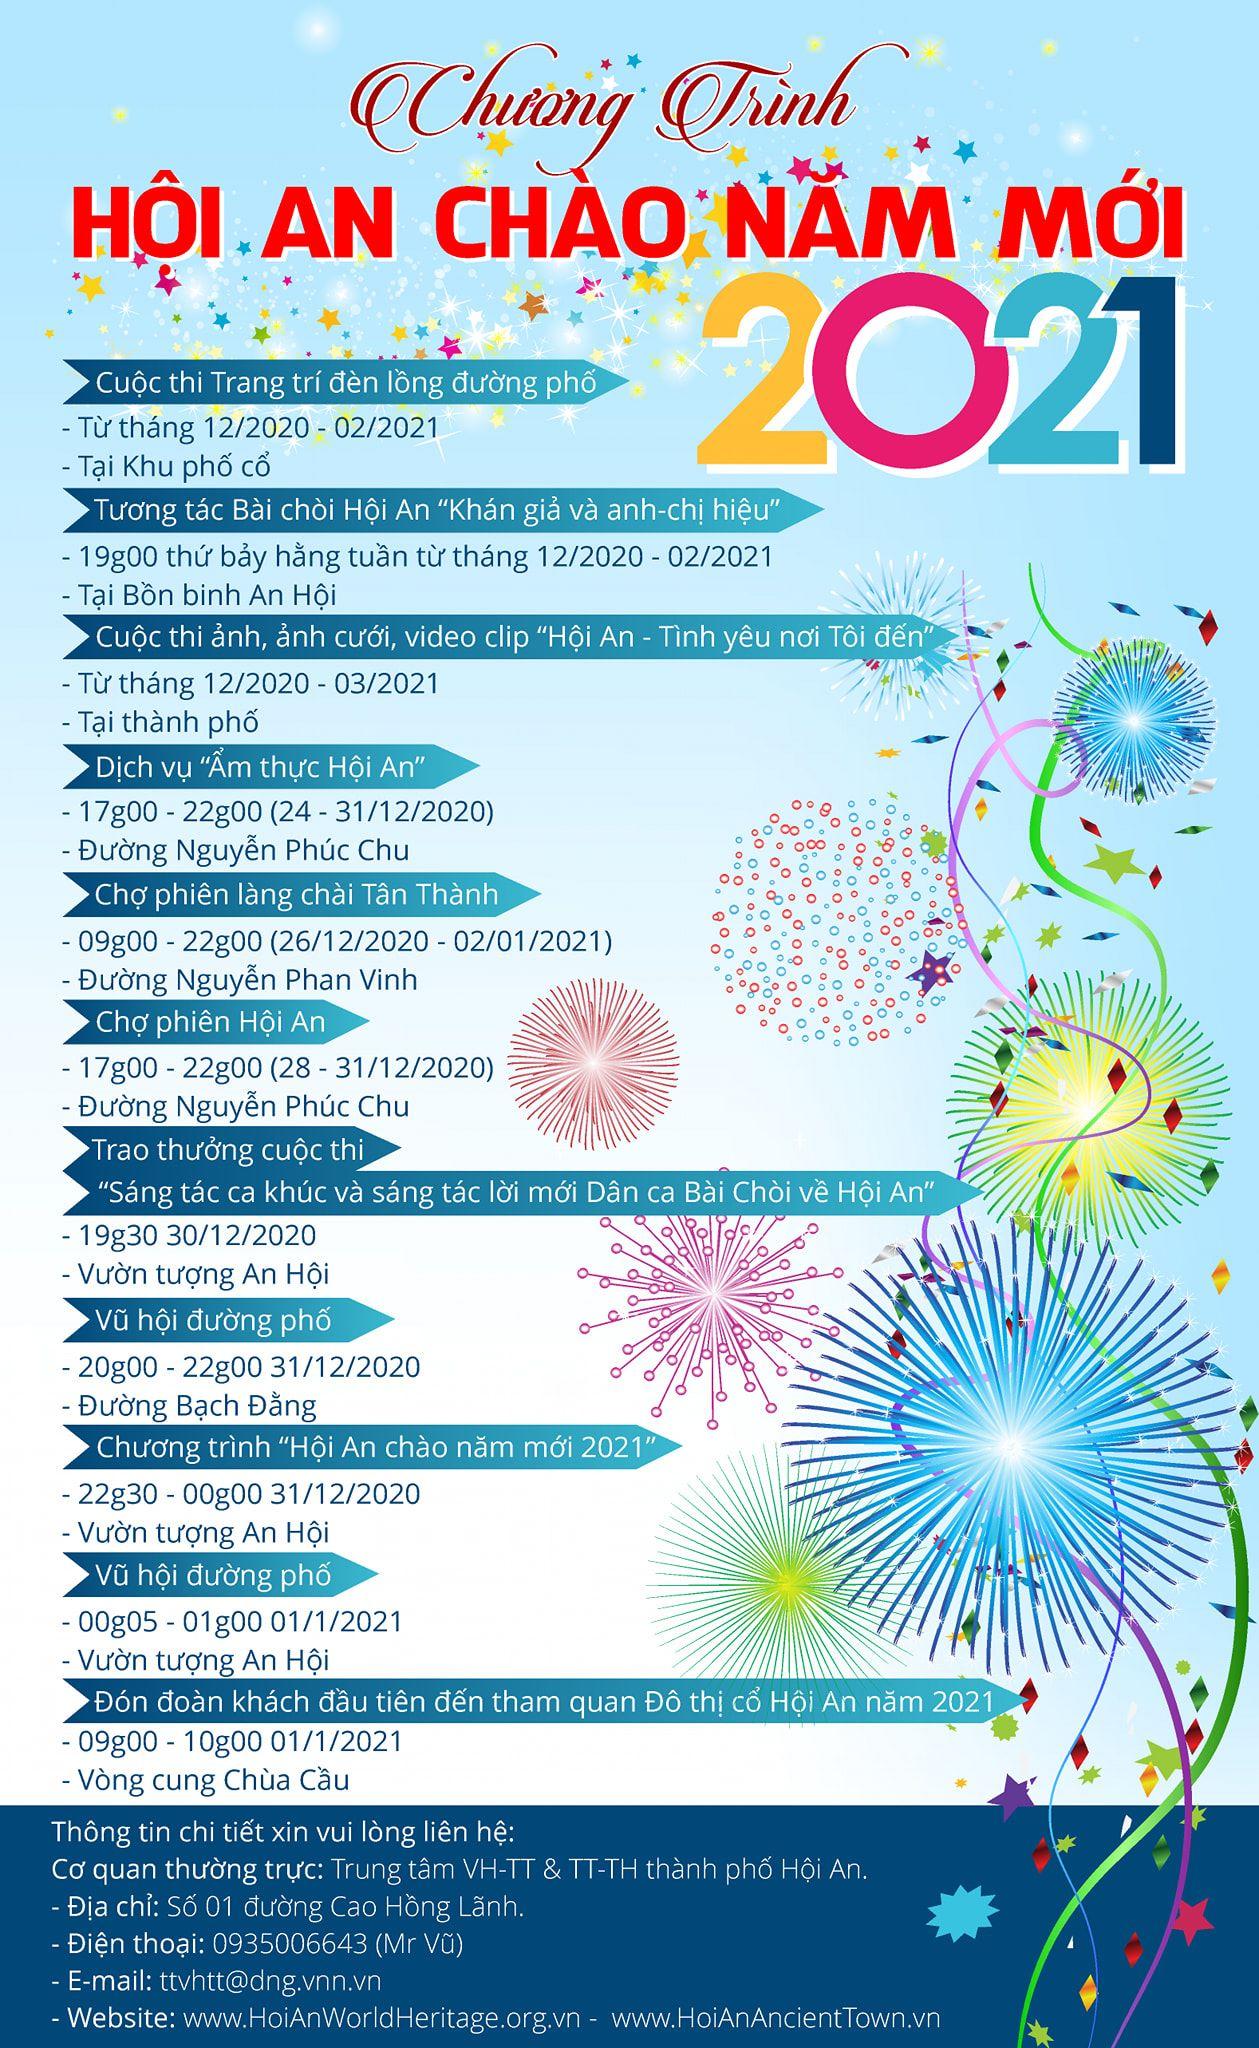 Địa điểm vui chơi năm mới 2021 tại Đà Nẵng, Hội An